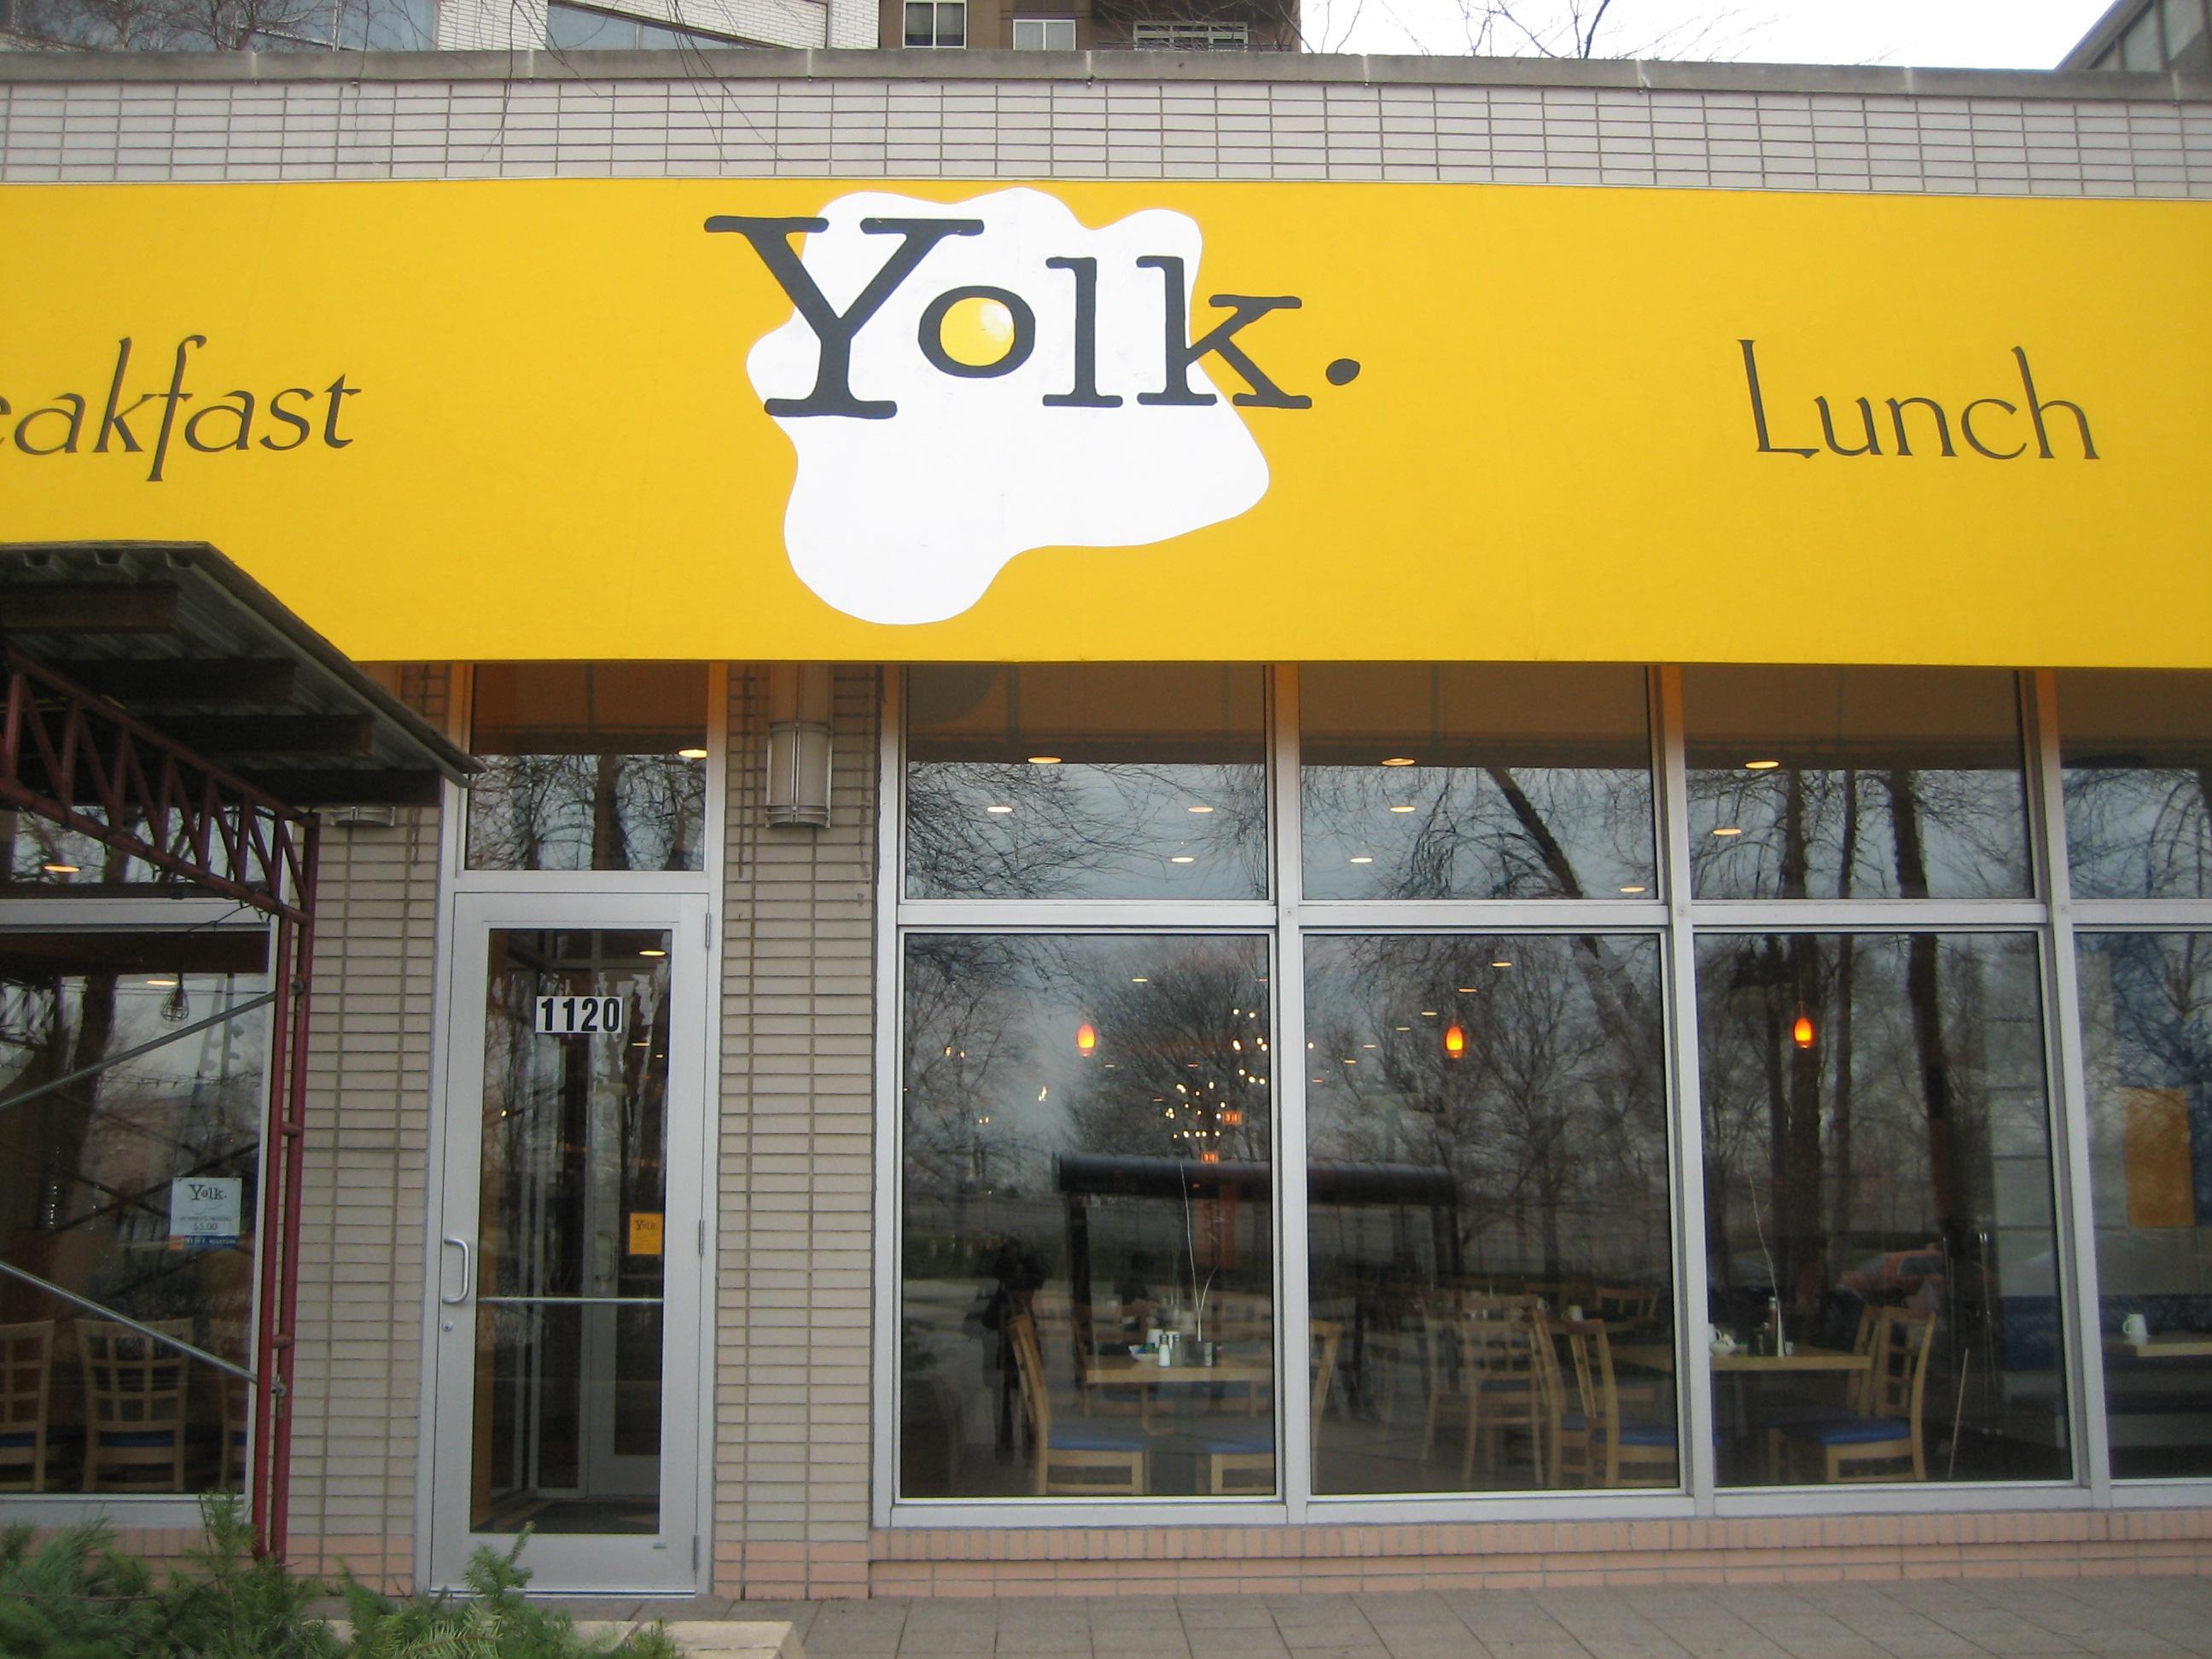 Brunch is no yolk in the South Loop